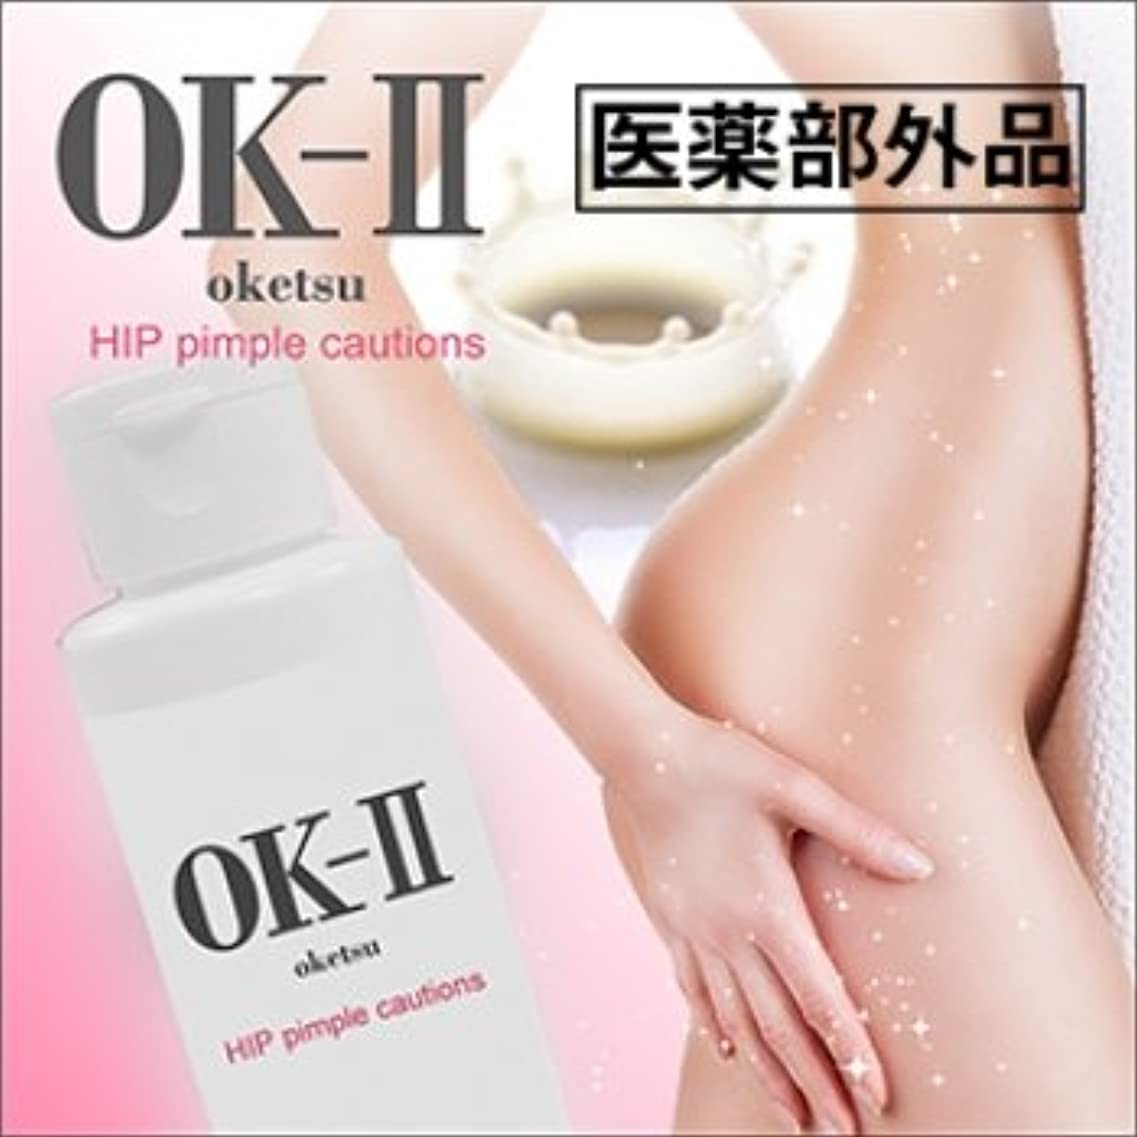 地味な秀でる均等にOK-IIオッケーツー(薬用お尻ニキビケアボディ乳液)医薬部外品